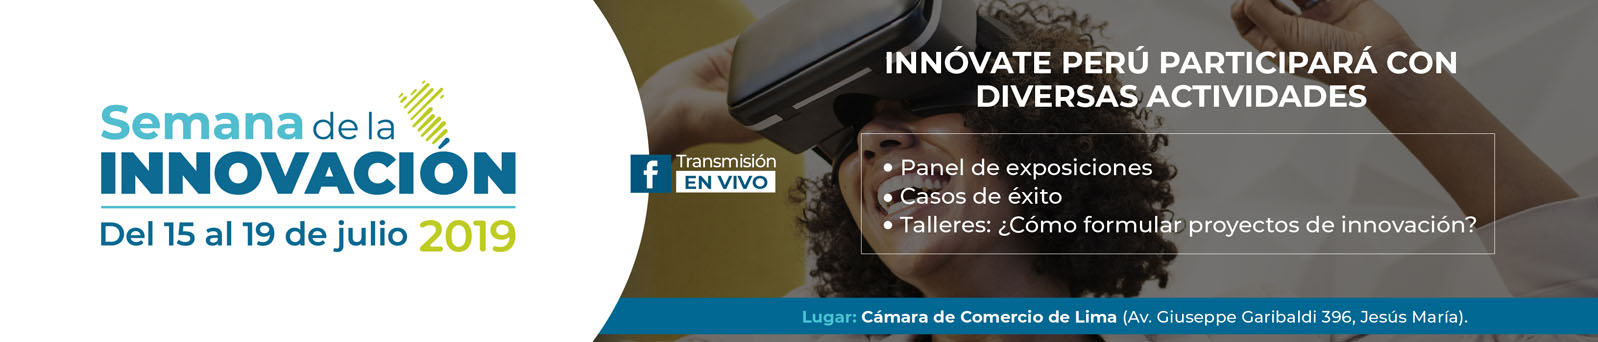 Semana de Innovación - Innovate